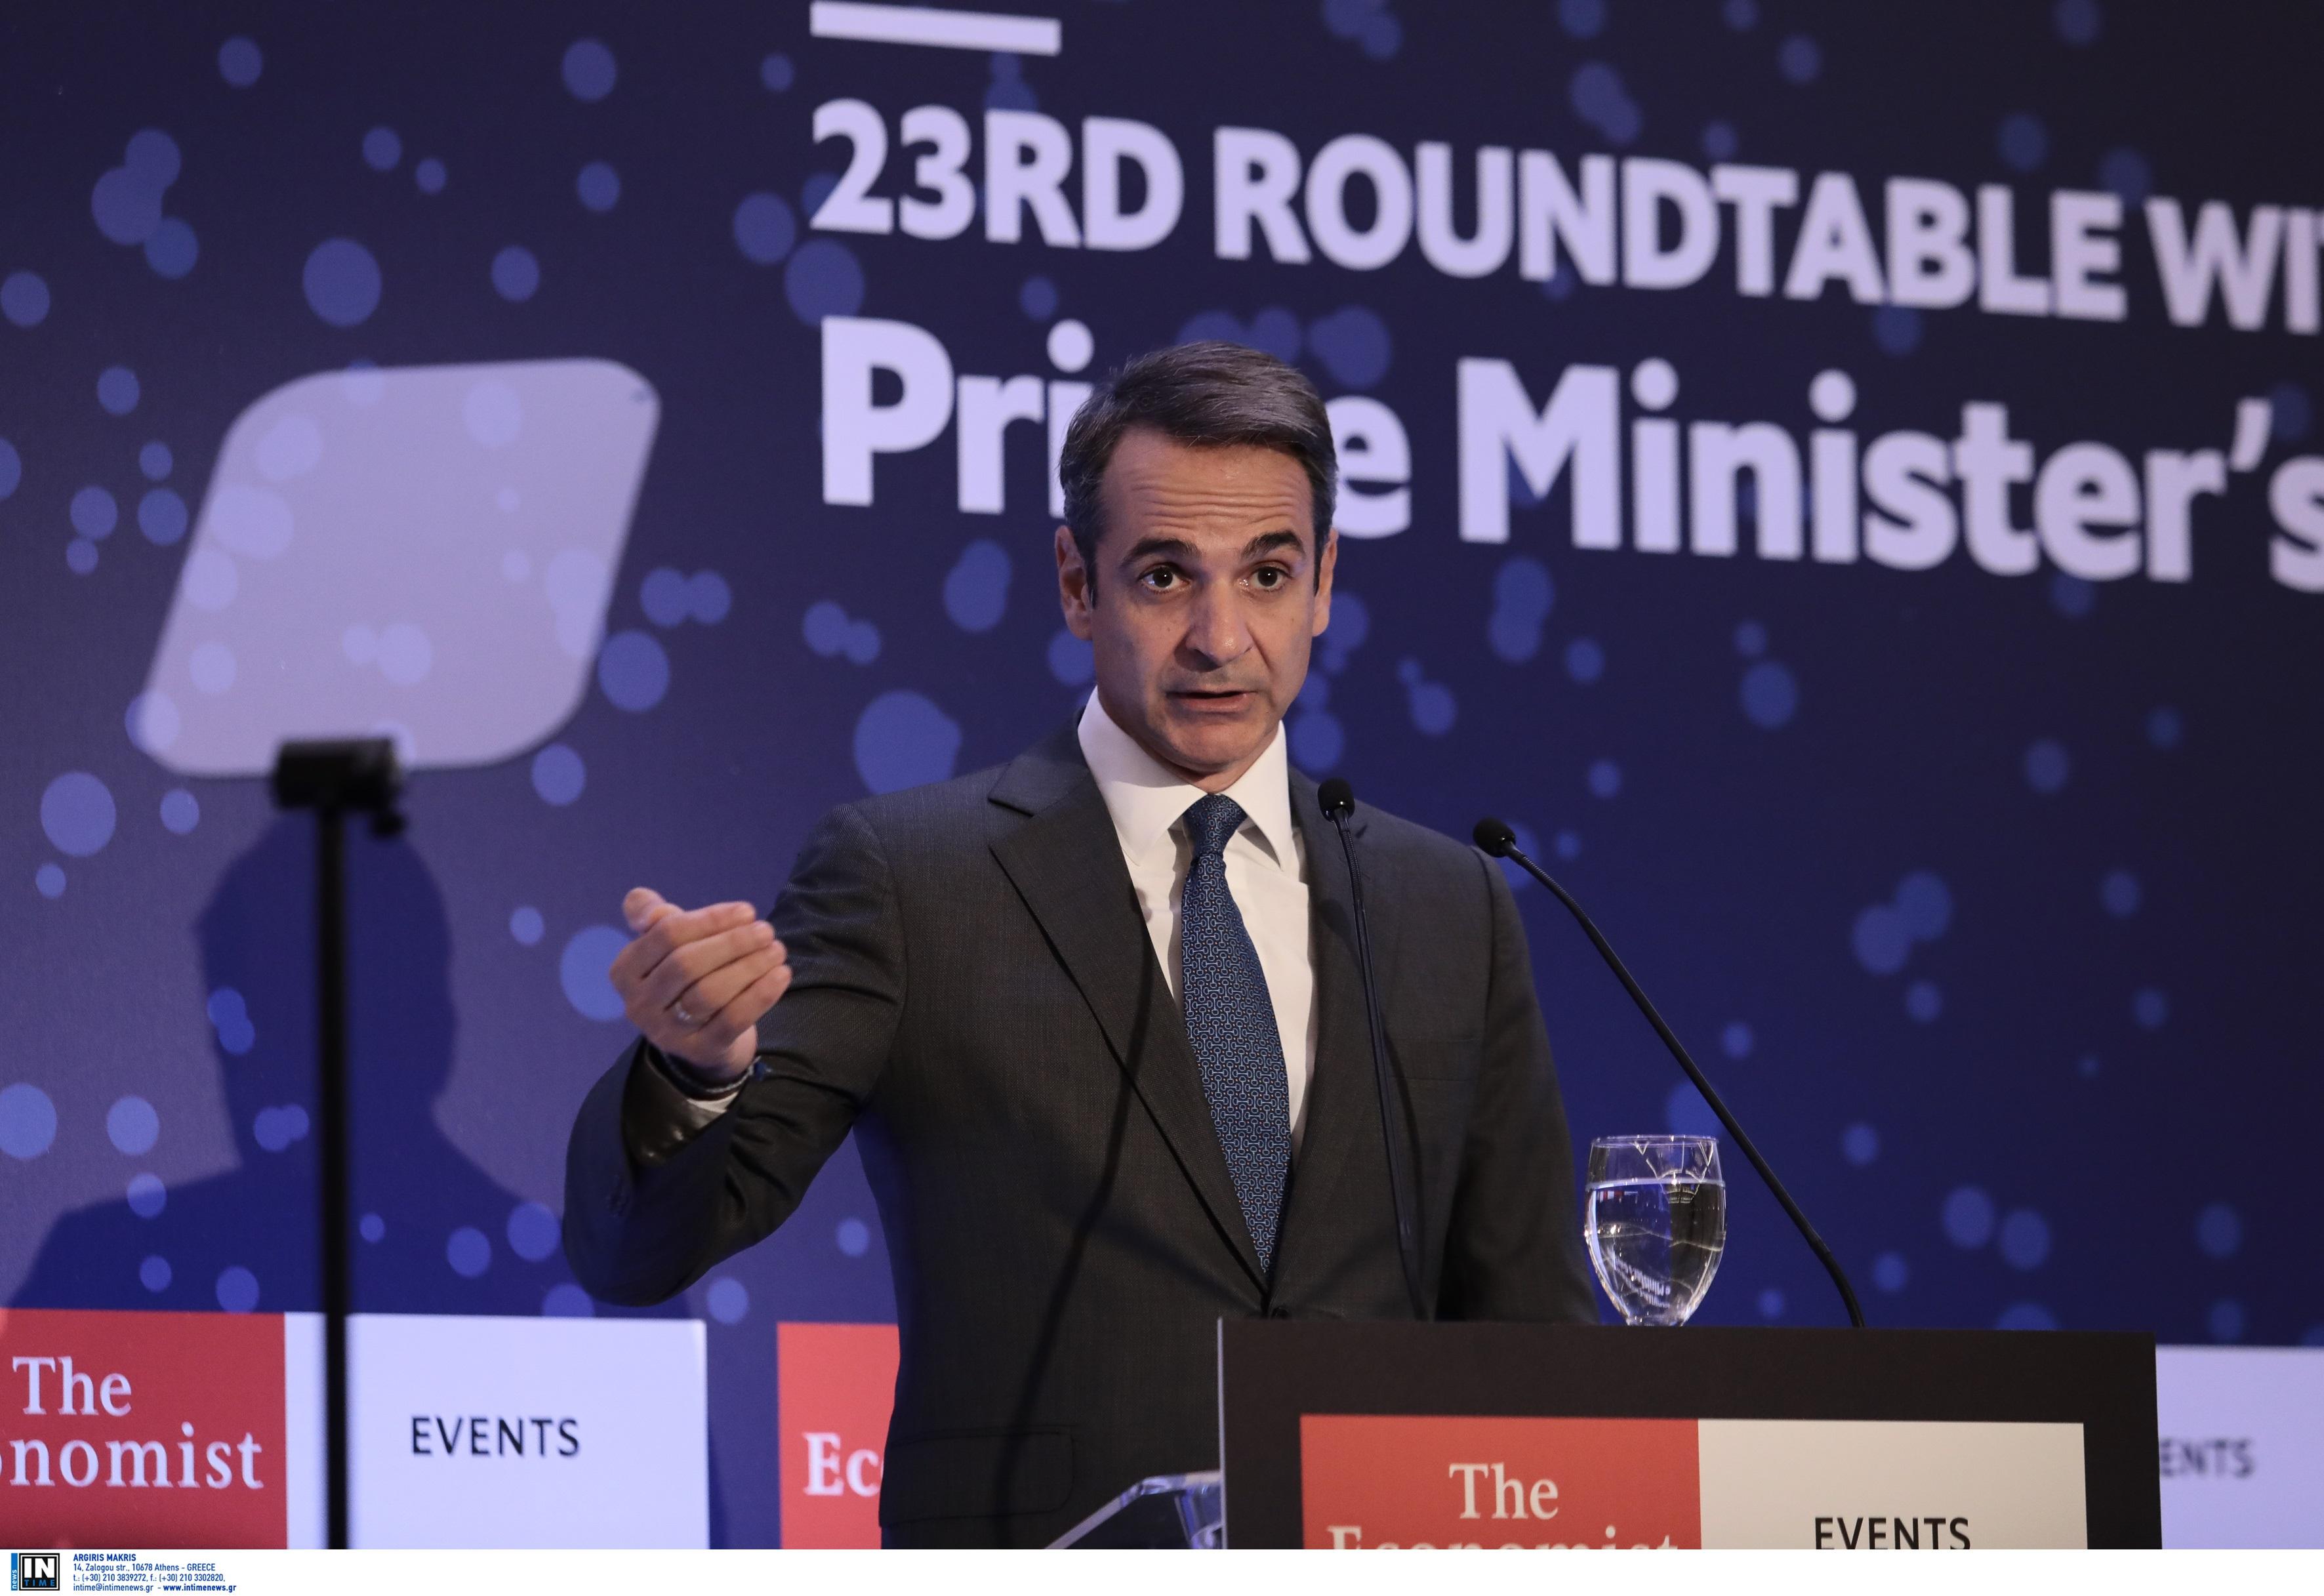 Μητσοτάκης: Η αναβάθμιση από τον Standard & Poor's αποδεικνύει ότι η Ελλάδα γίνεται ολοένα ισχυρότερη!